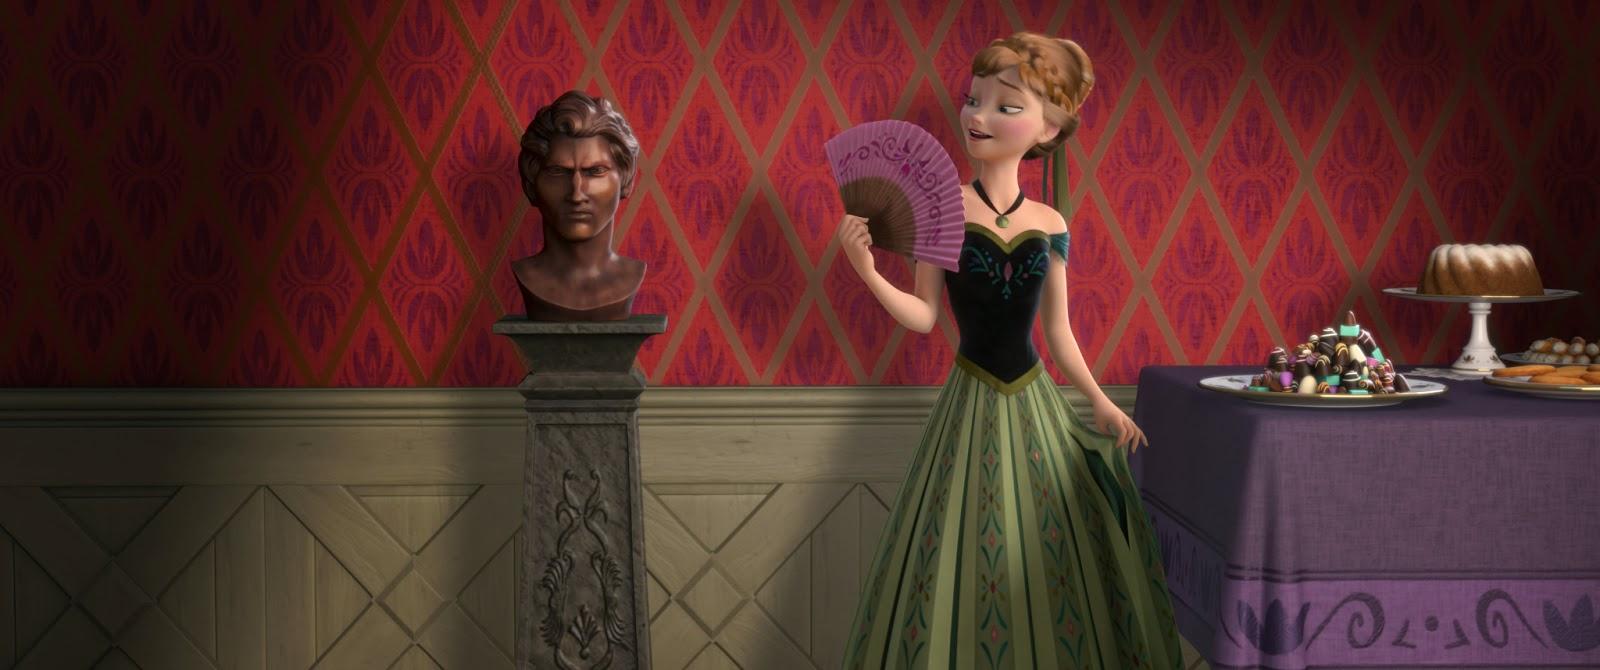 Disney Frozen Hidden Gems